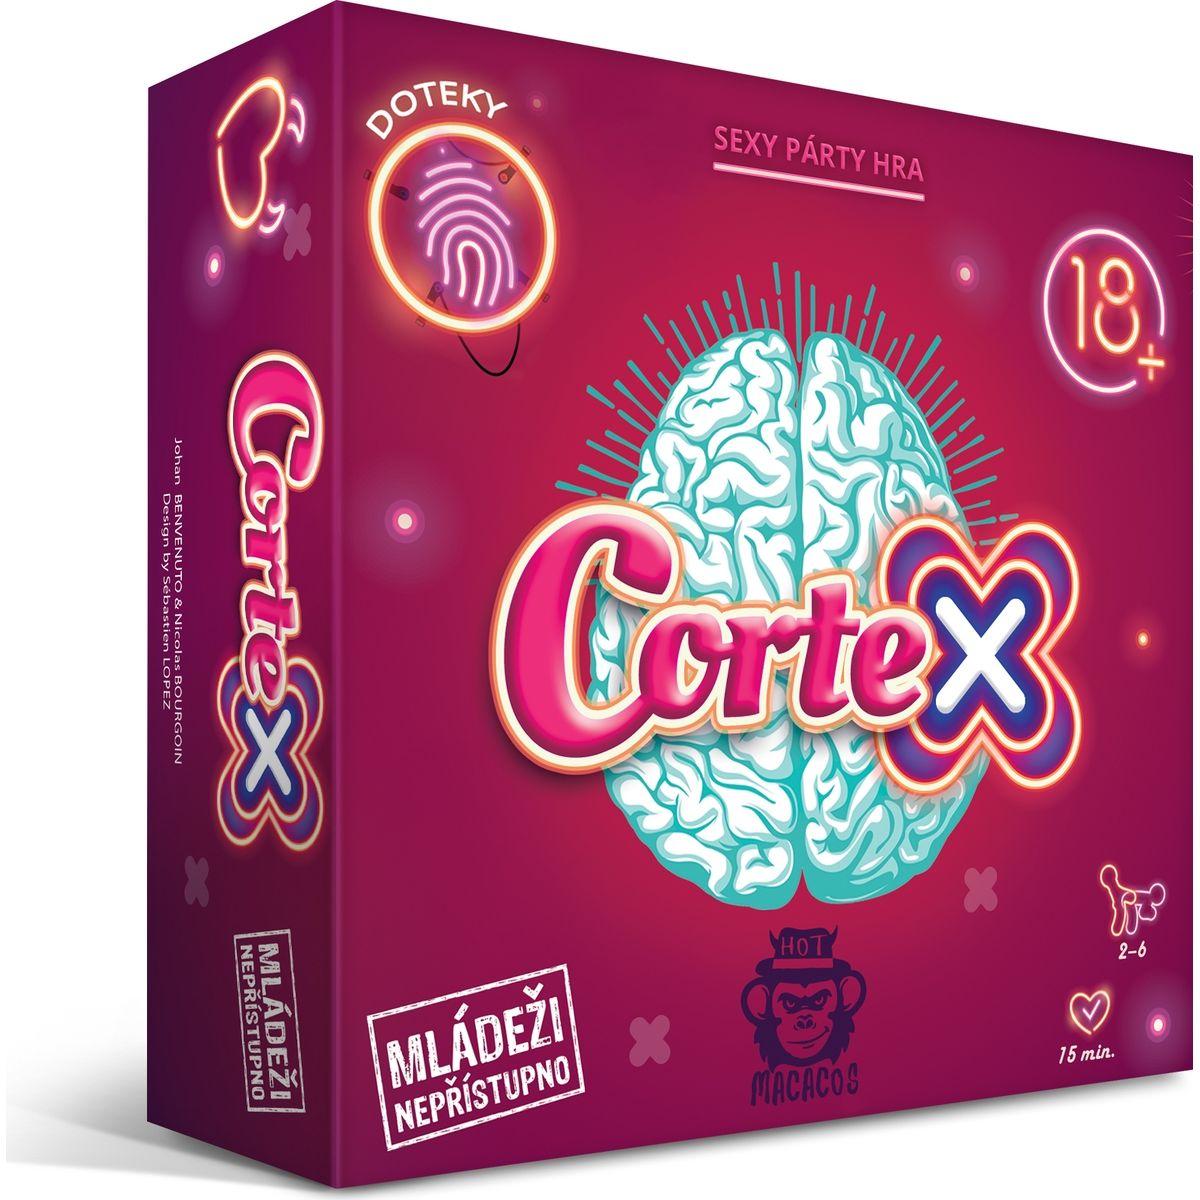 Albi Cortex 18+